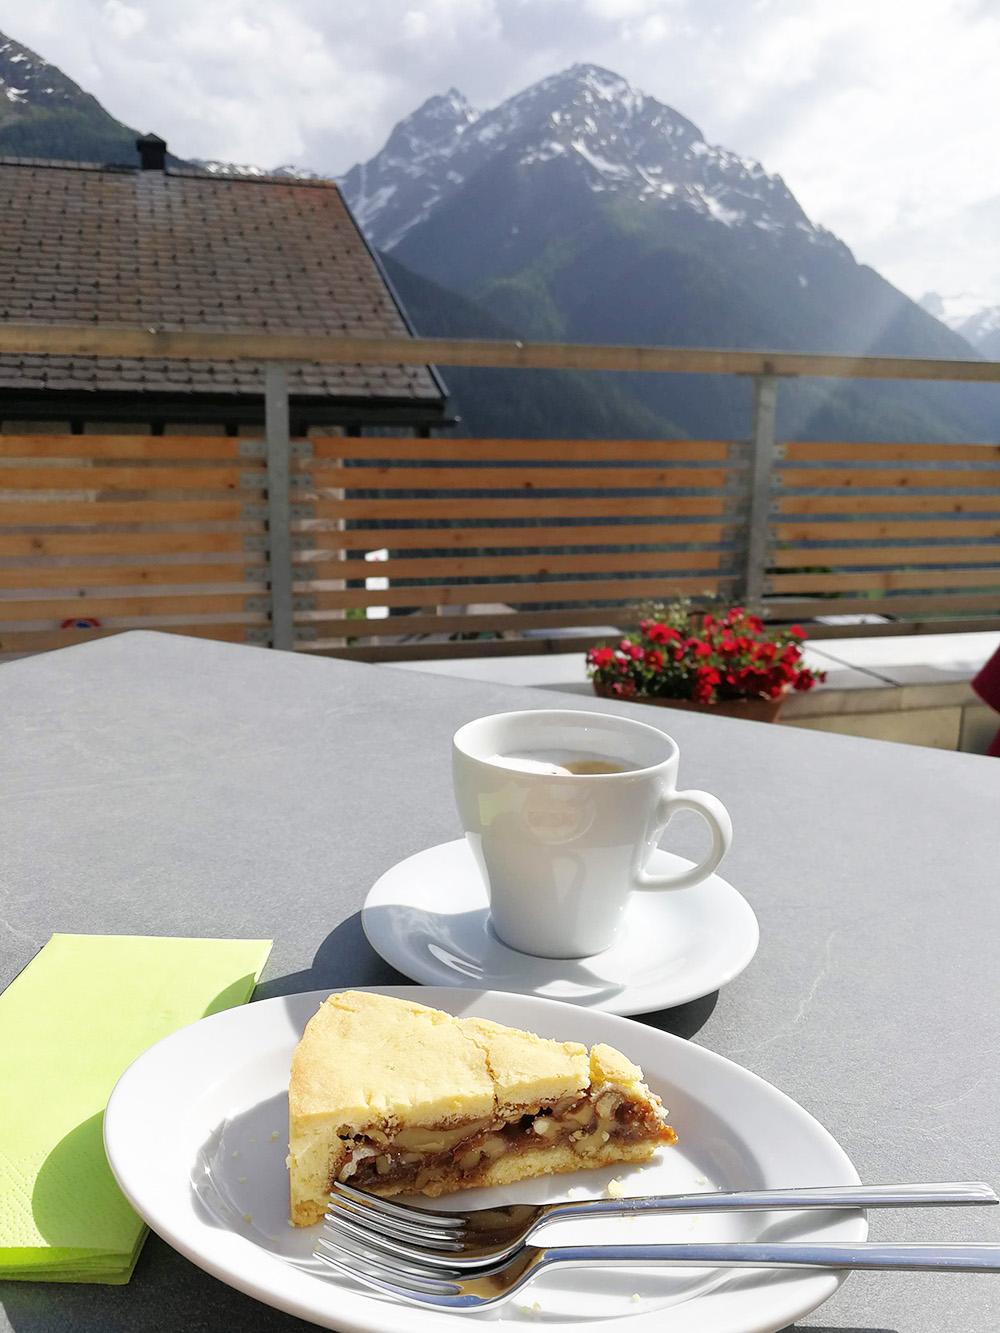 Guarda Lodge Hoteltipp für Guarda feine Bündner Nusstorte zum Zvieri